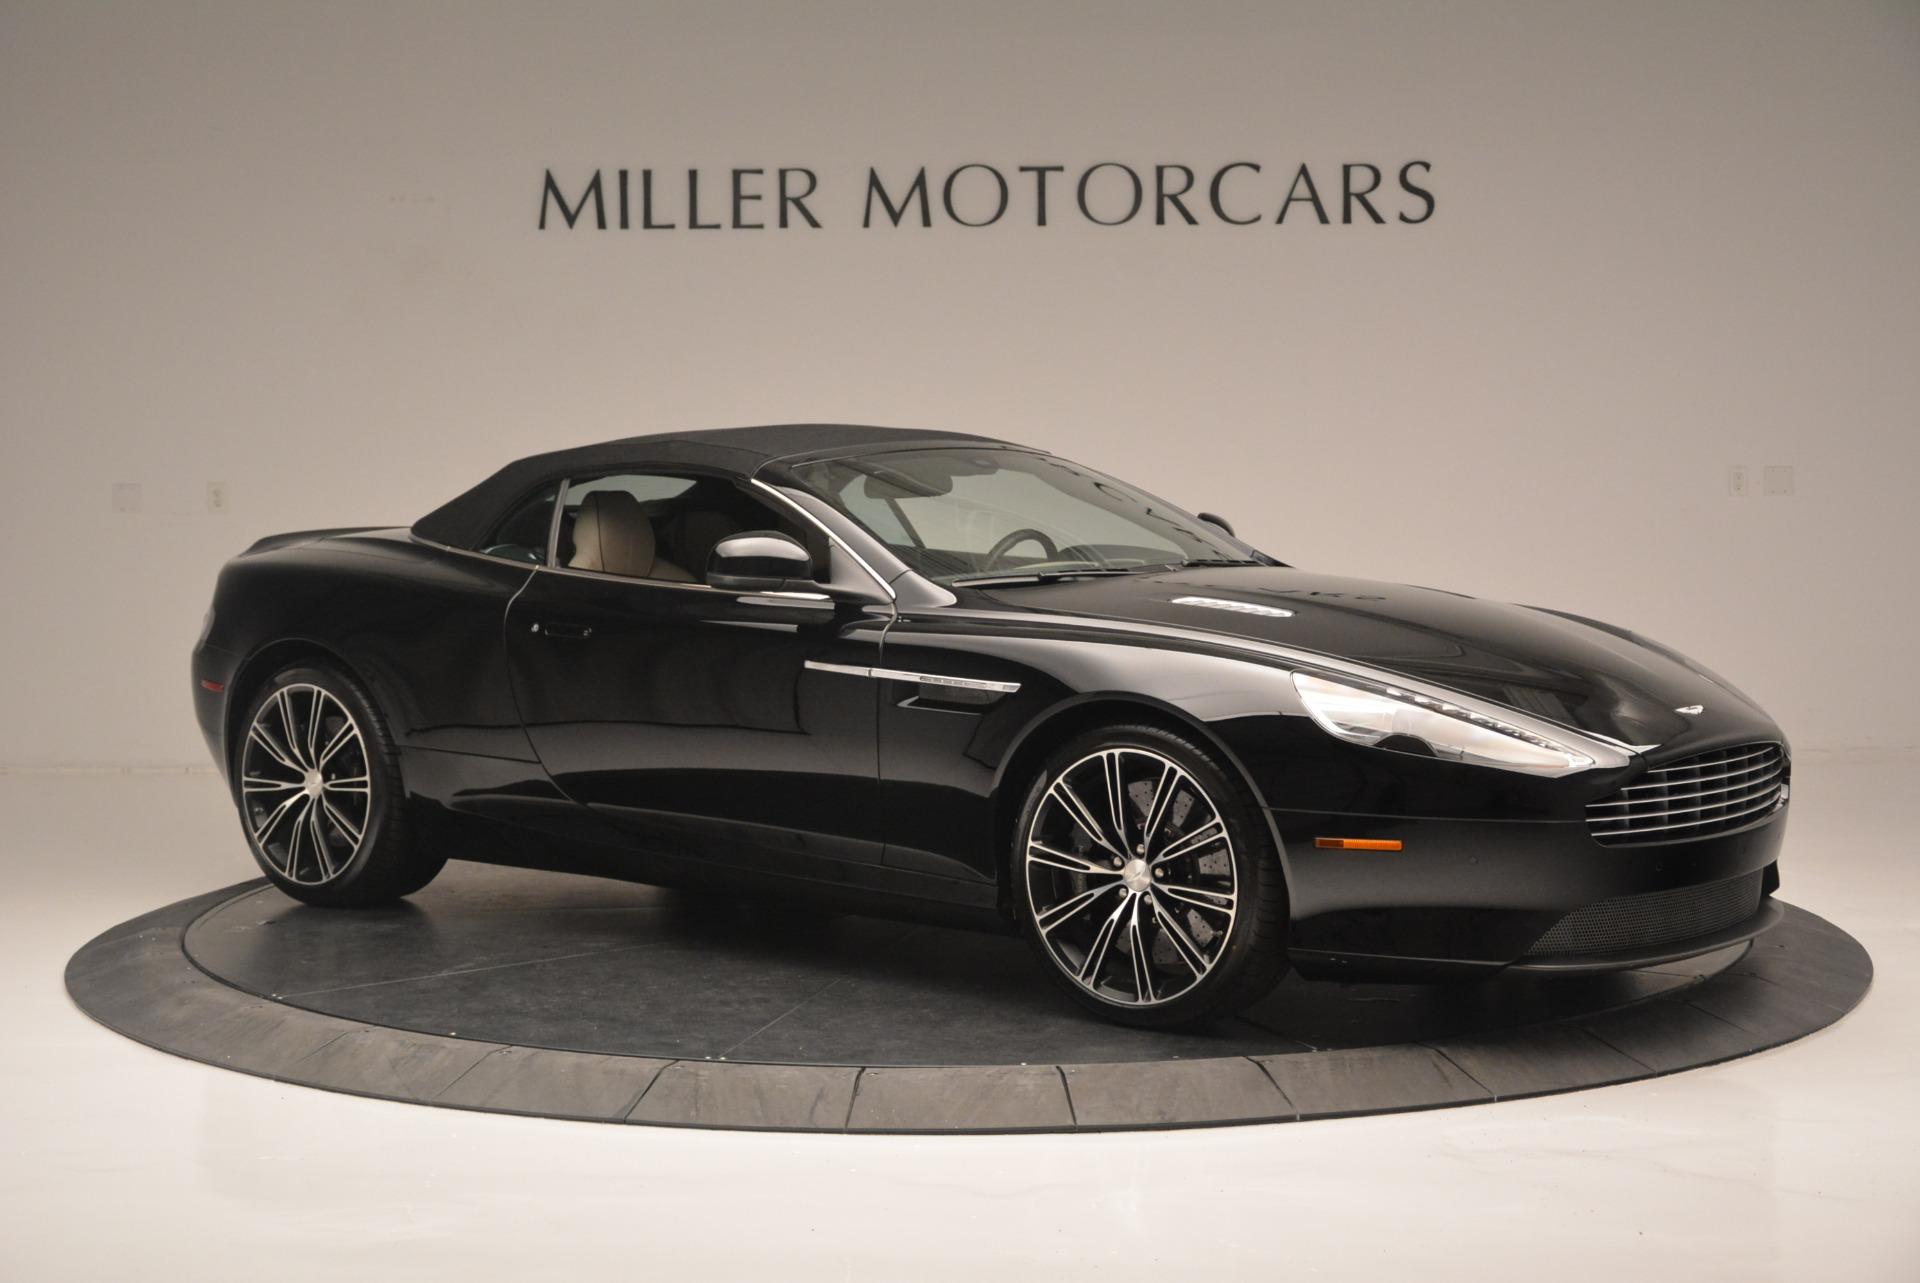 Used 2015 Aston Martin DB9 Volante For Sale In Greenwich, CT. Alfa Romeo of Greenwich, 7389 2318_p17